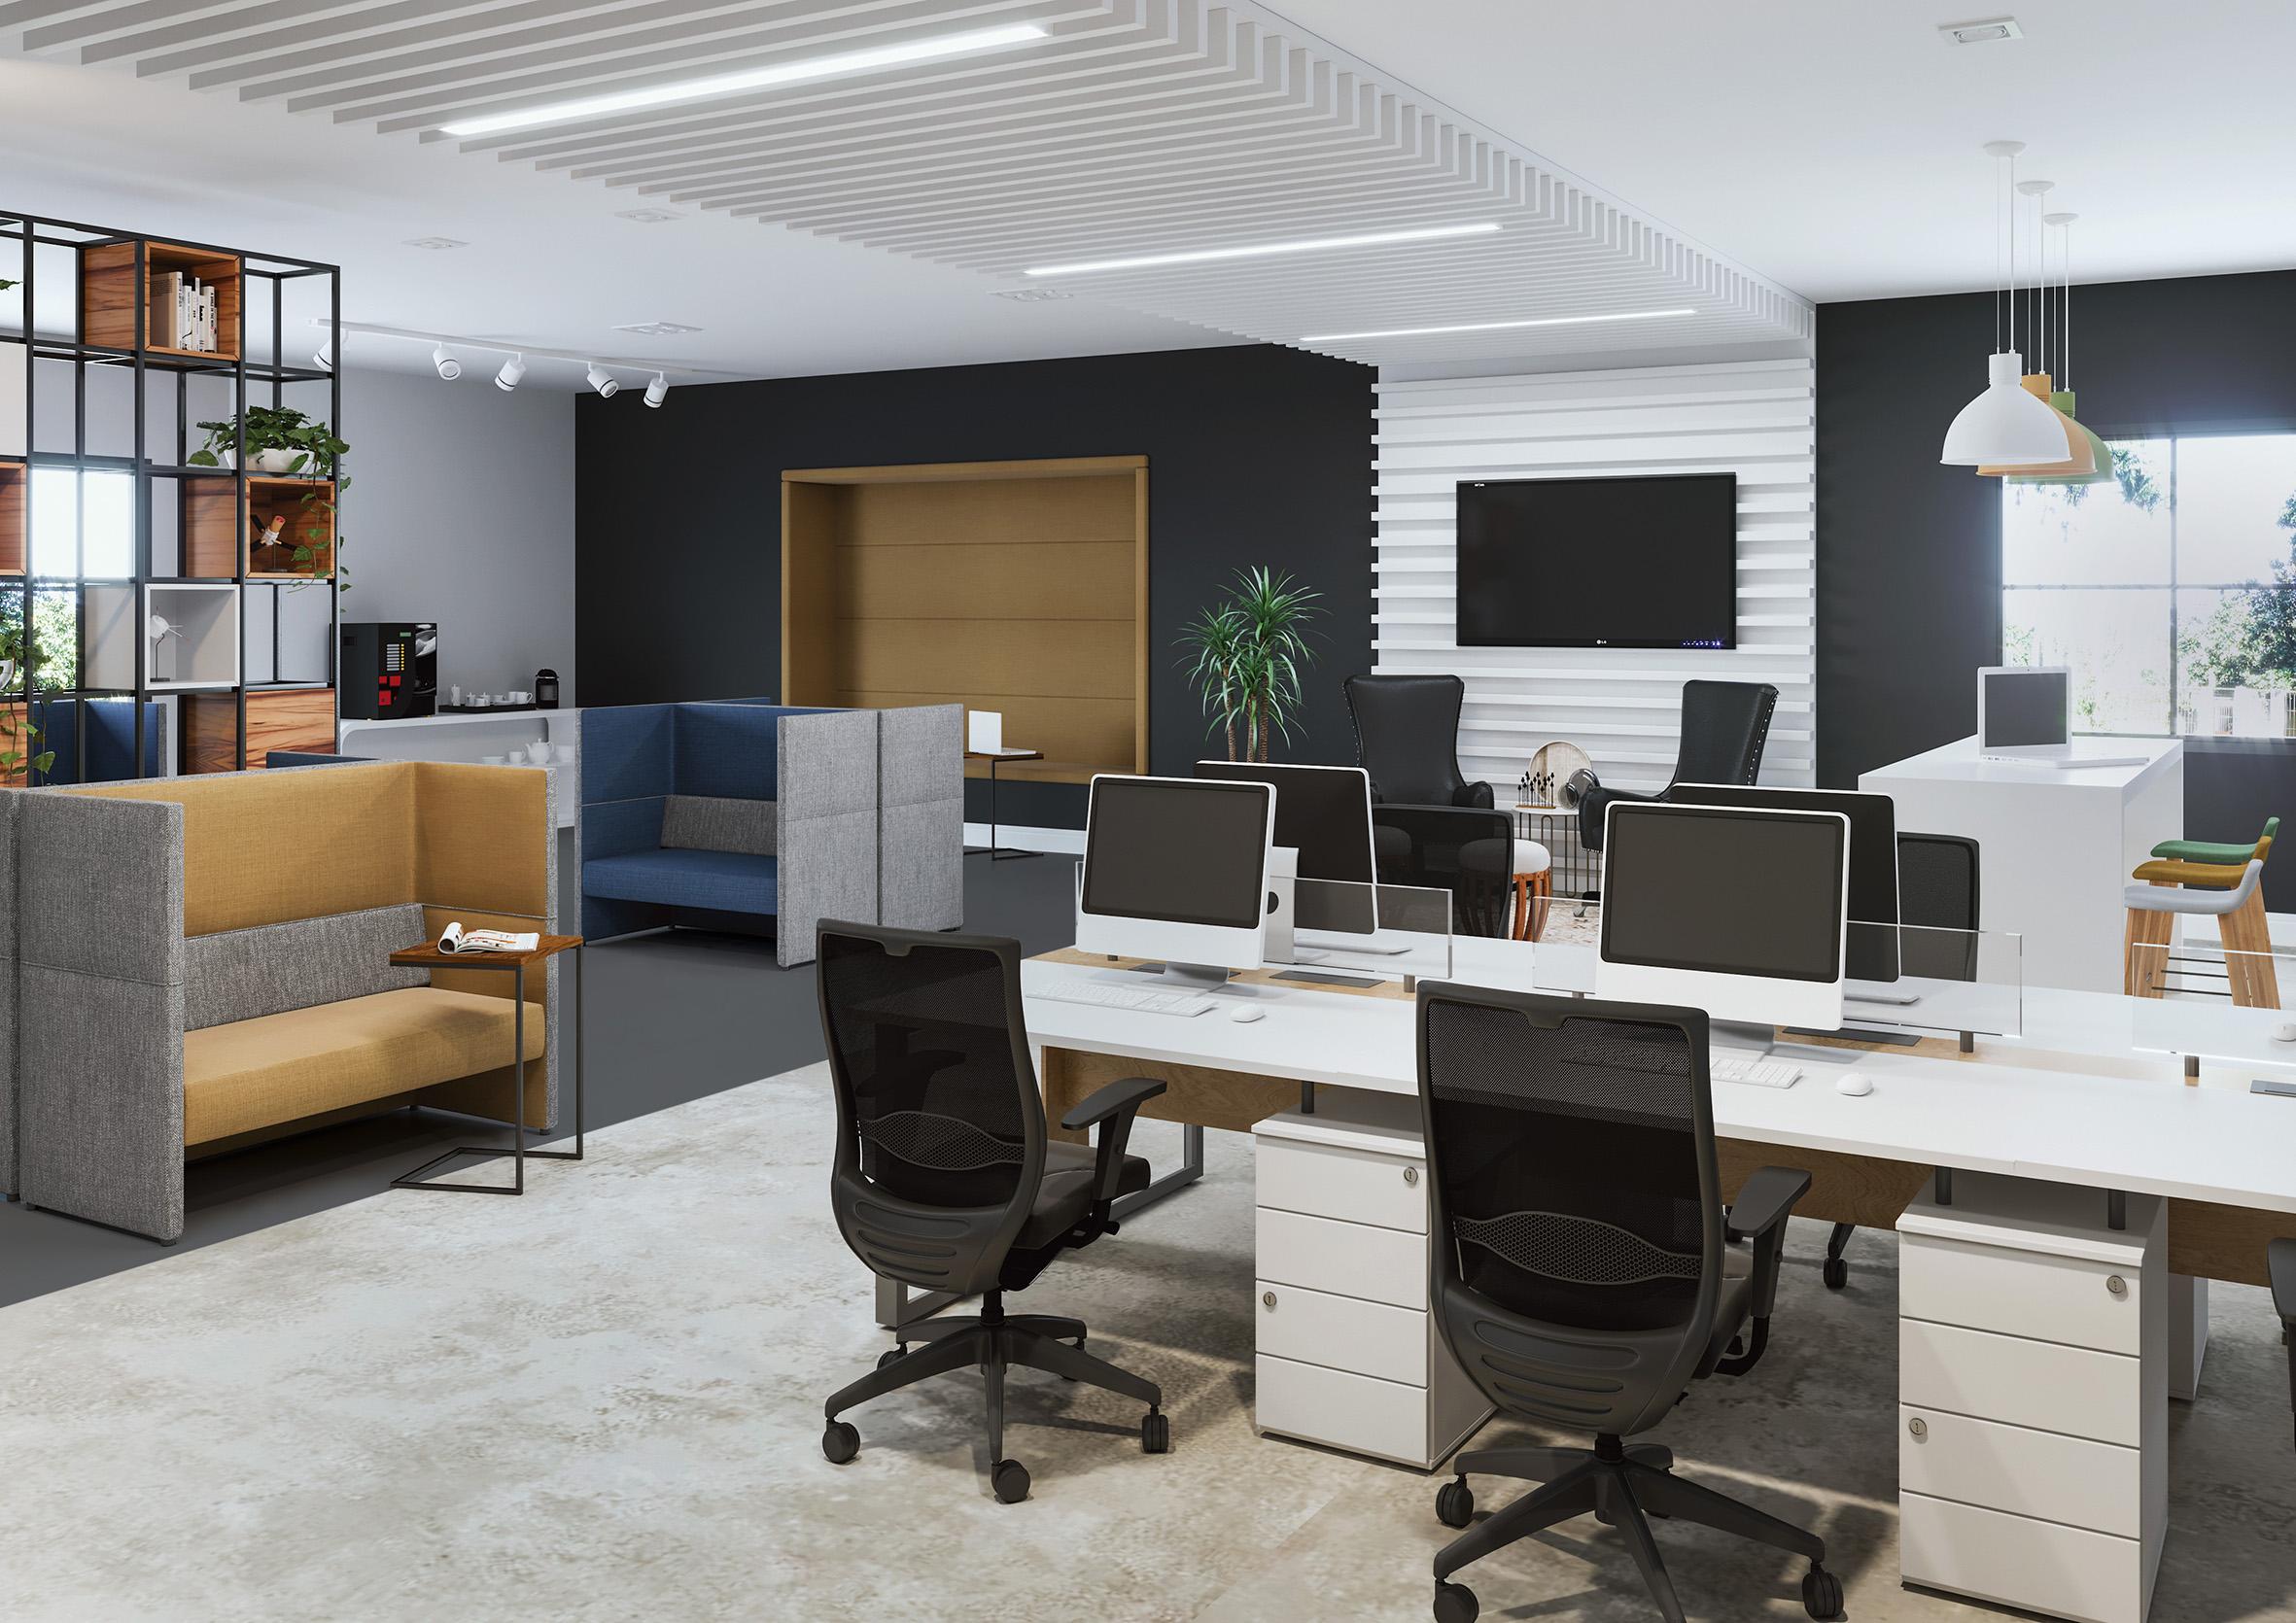 Escritório com mobiliário da RS Design projetado para criar um clima mais descontraído e profissional ao mesmo tempo.